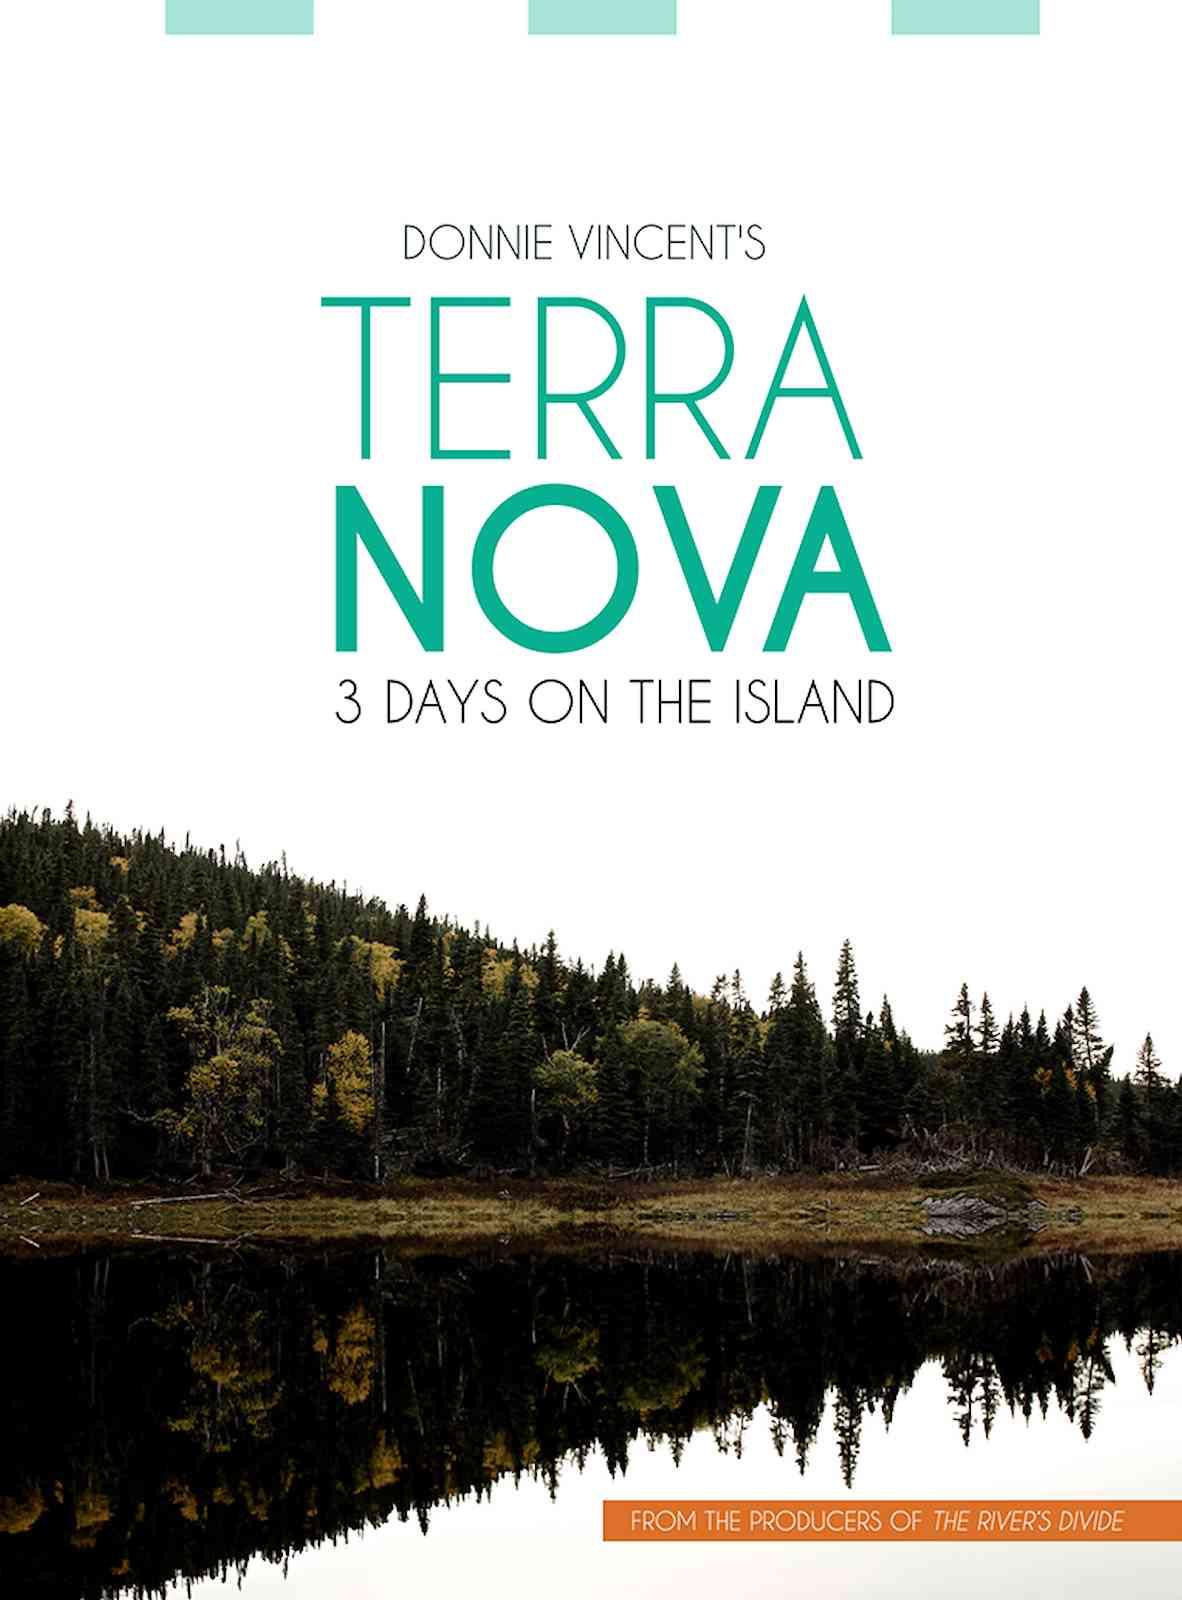 Donnie Vincent - Terra Nova